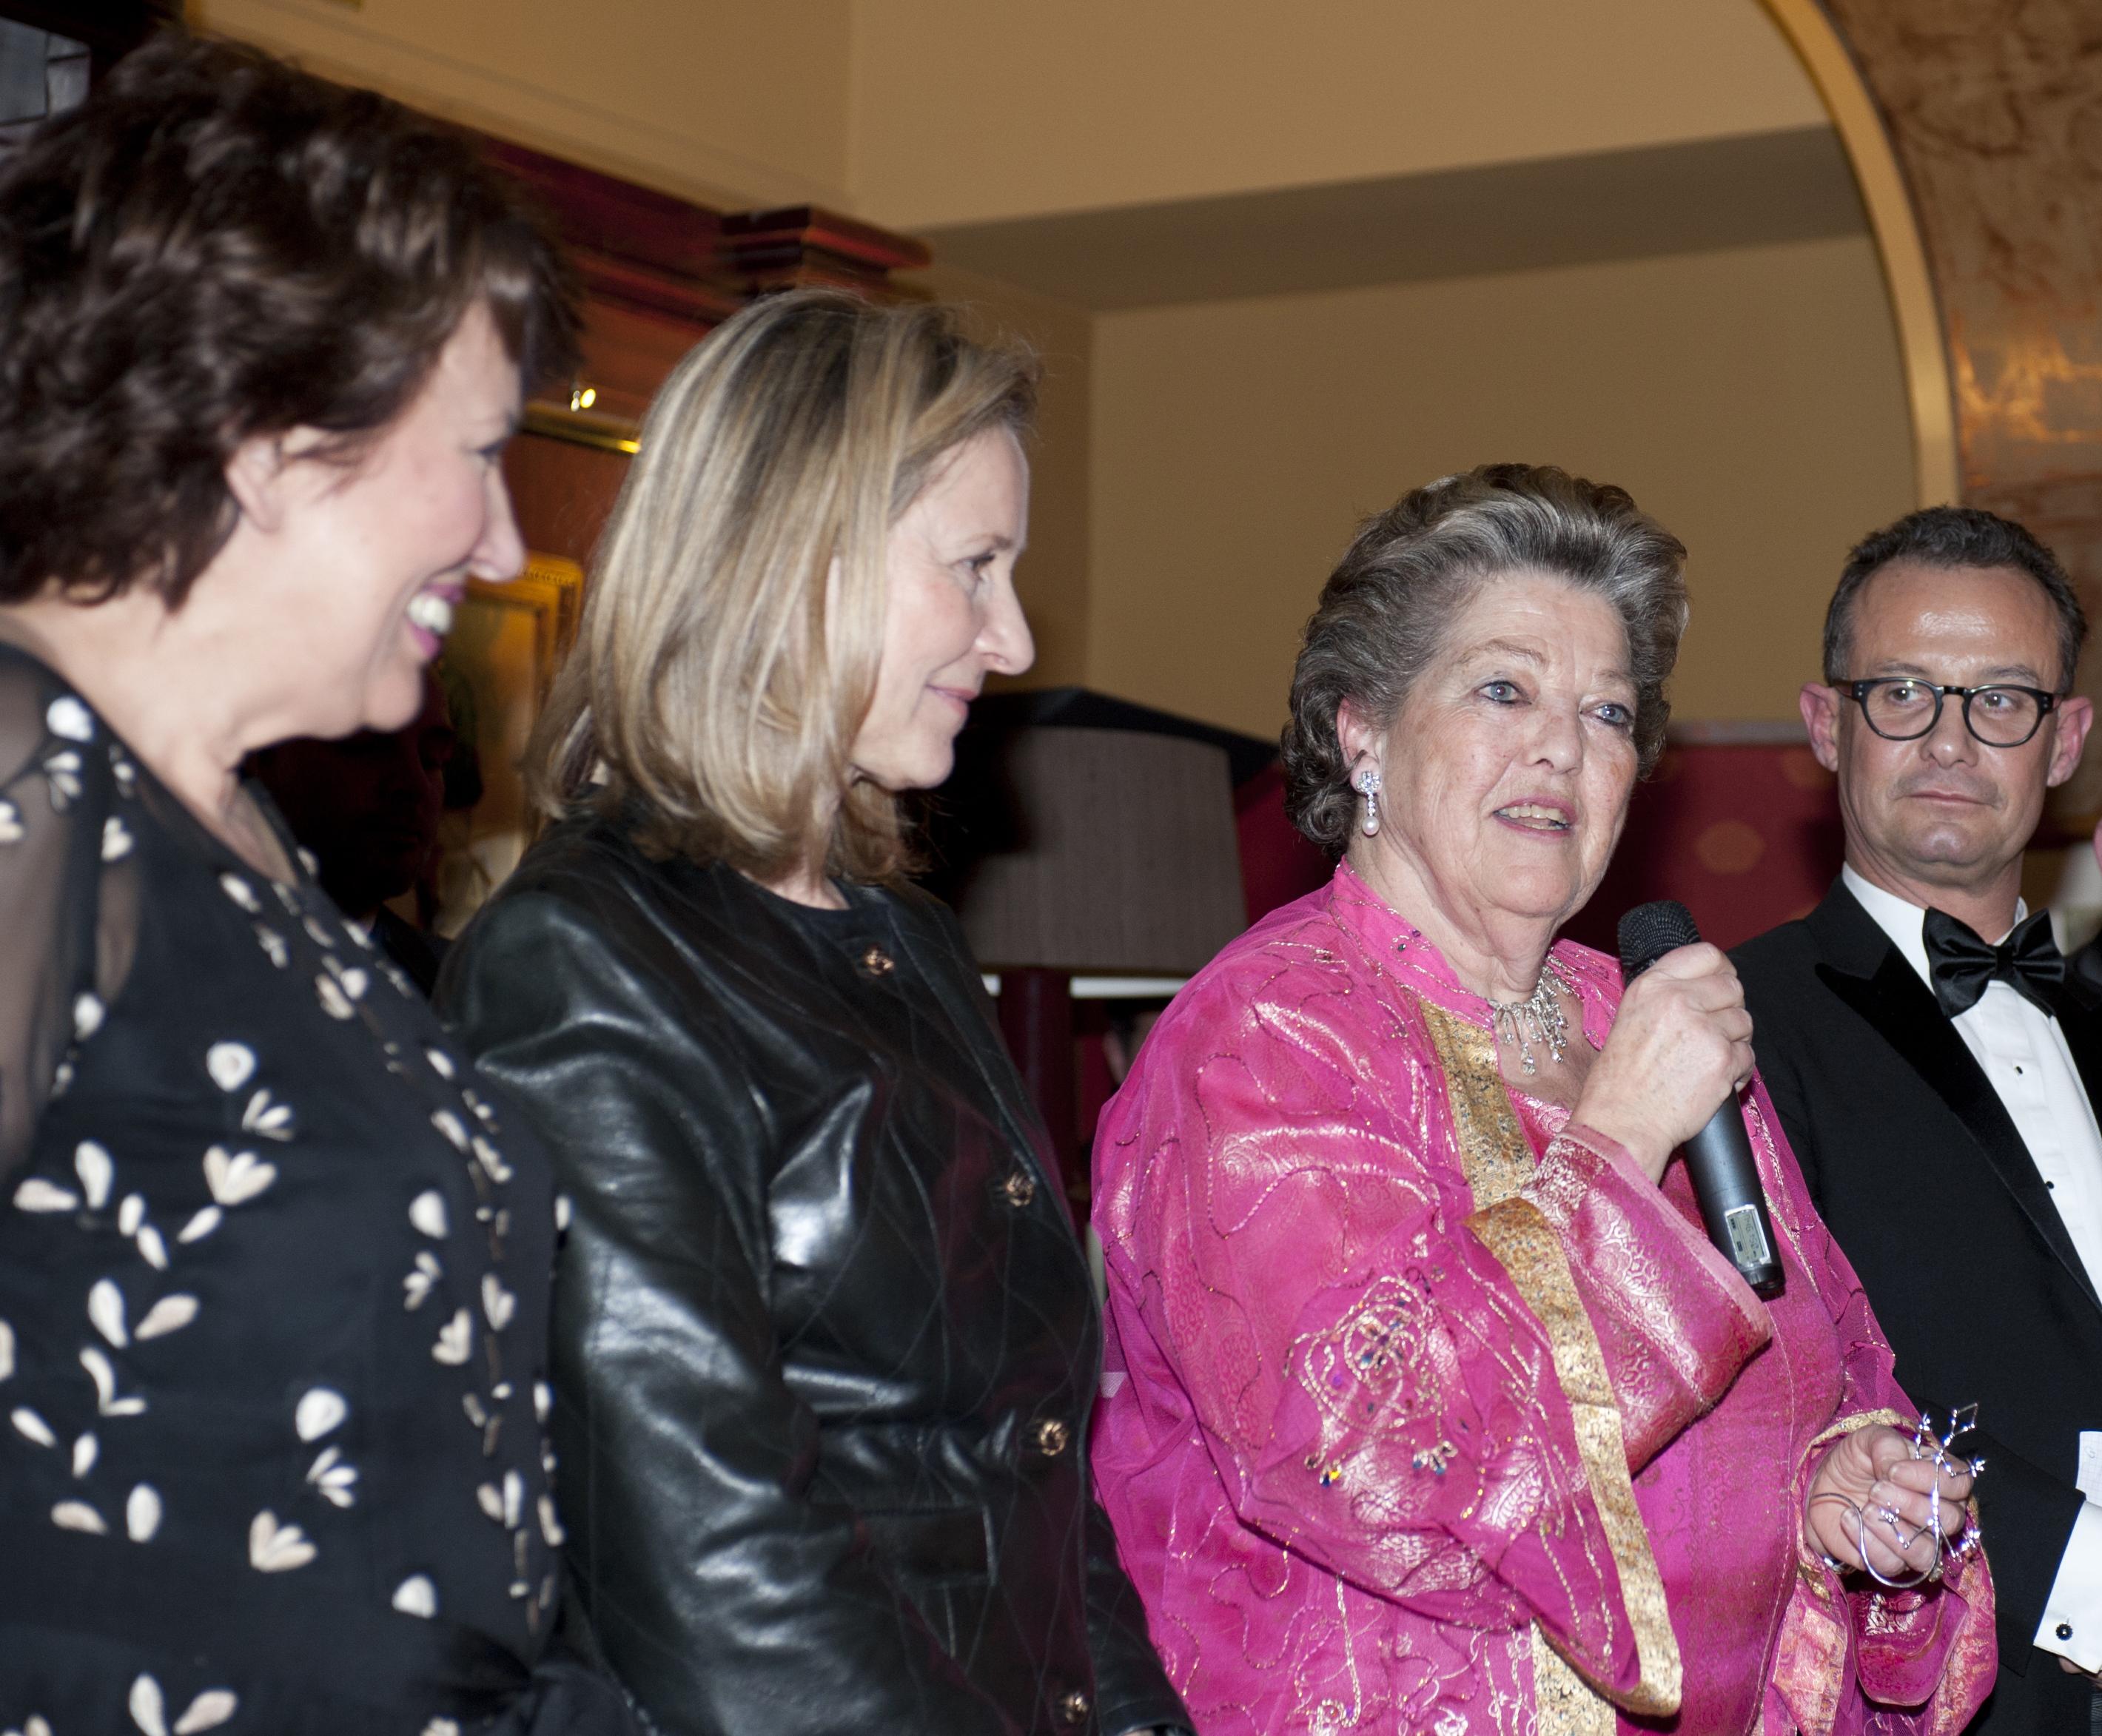 Roselyne BACHELOT - Armelle CEGLEC - S.A.R la princesse Chantal de FRANCE - Francis BAILLET